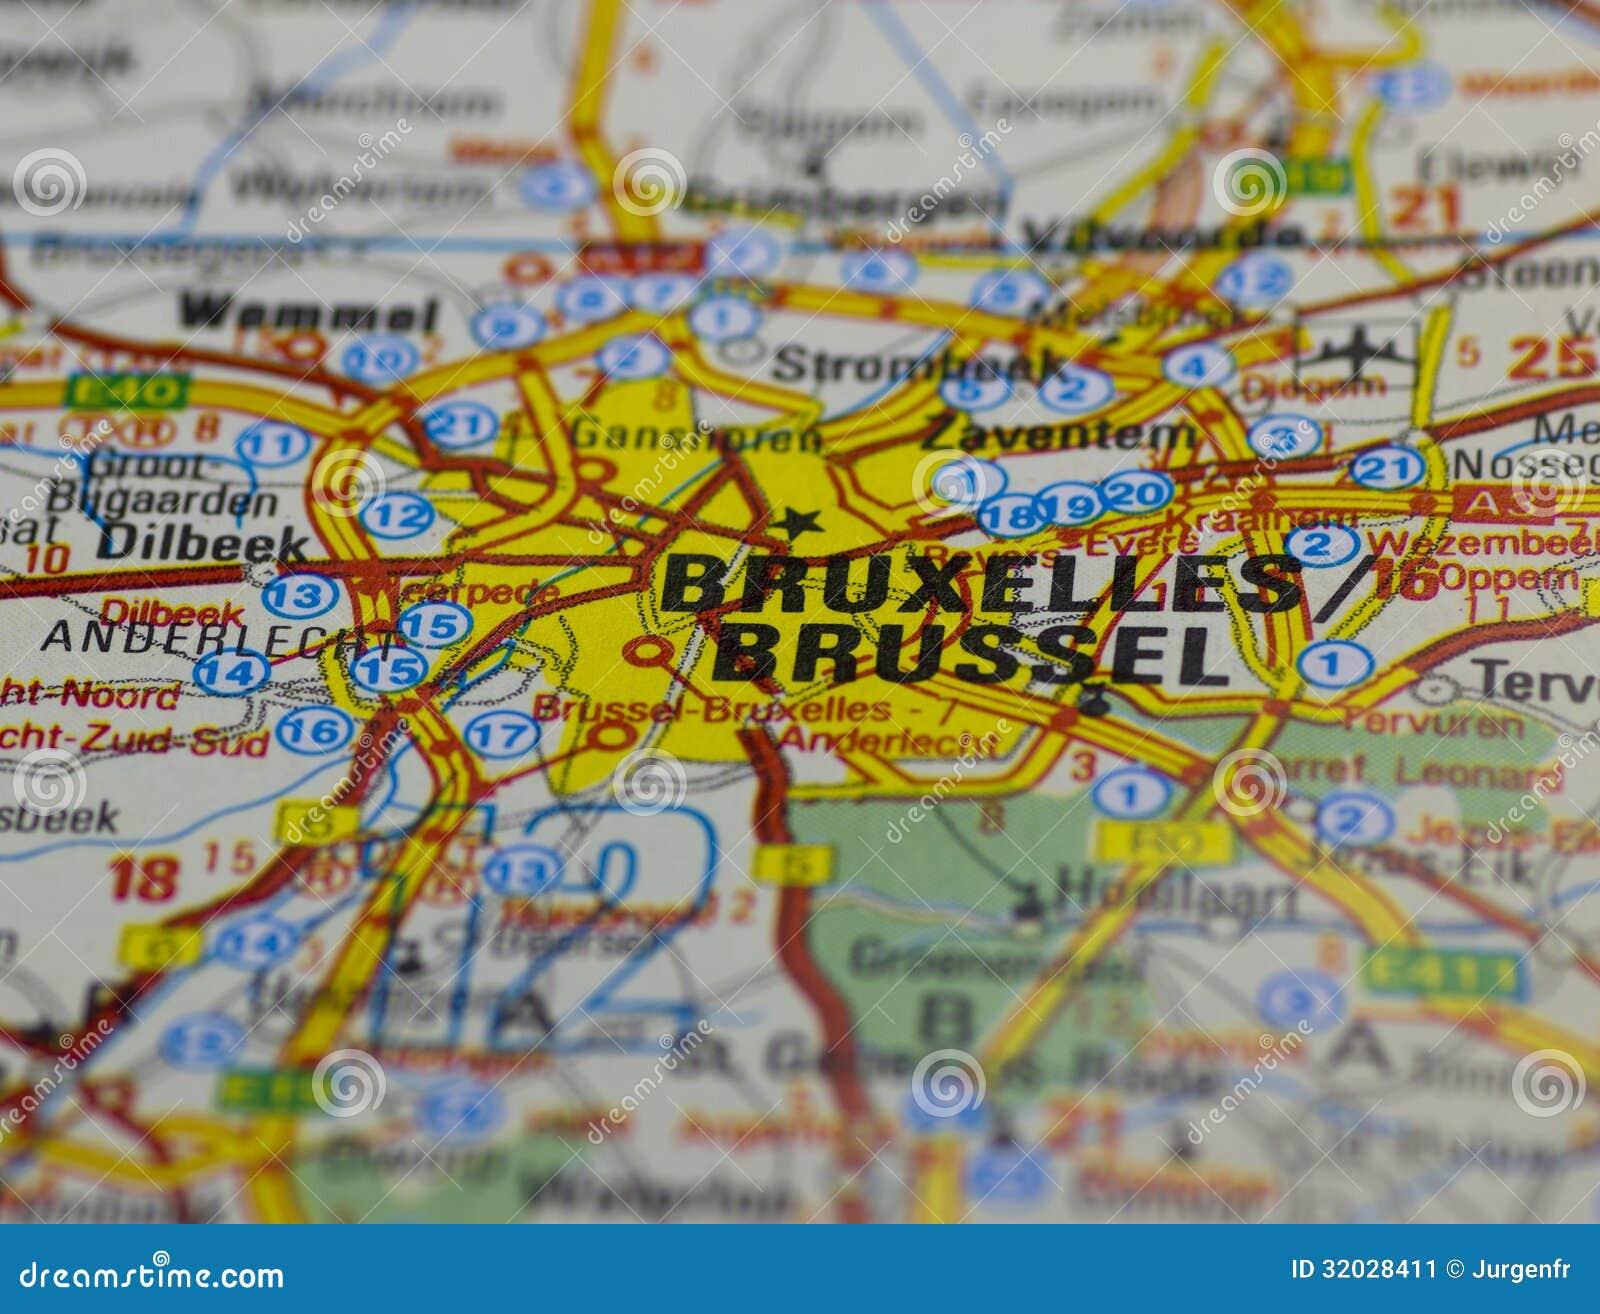 Vecchio programma di strada di Bruxelles